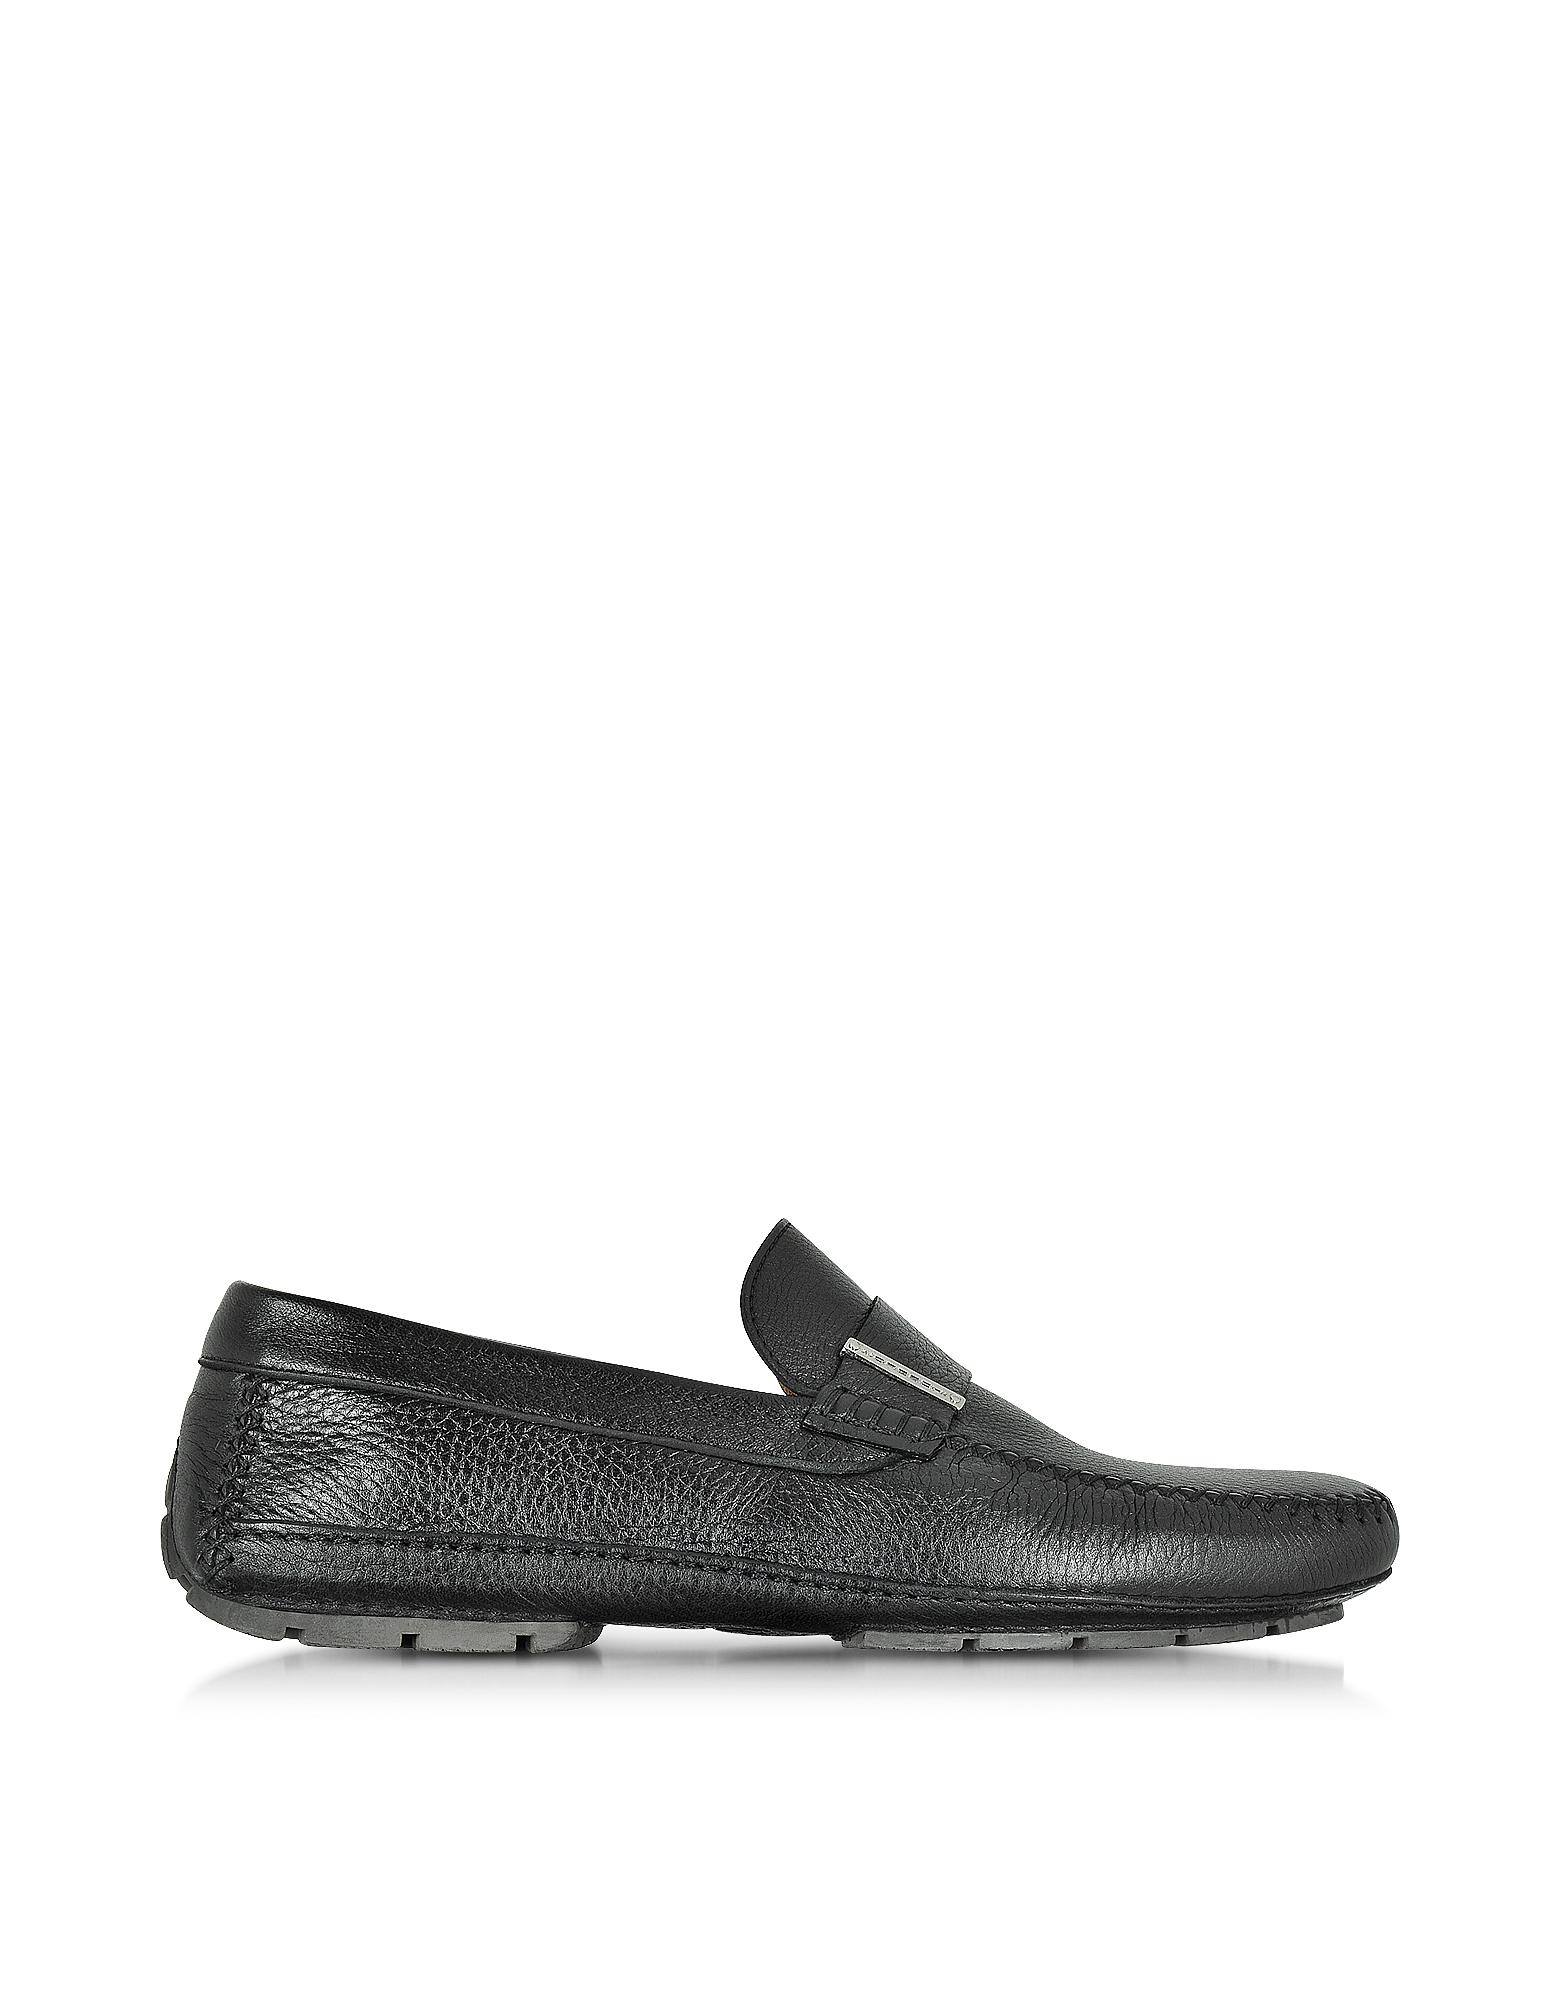 Miami - Черные Туфли для Вождения из Кожи Оленя с Резиновой Подошвой